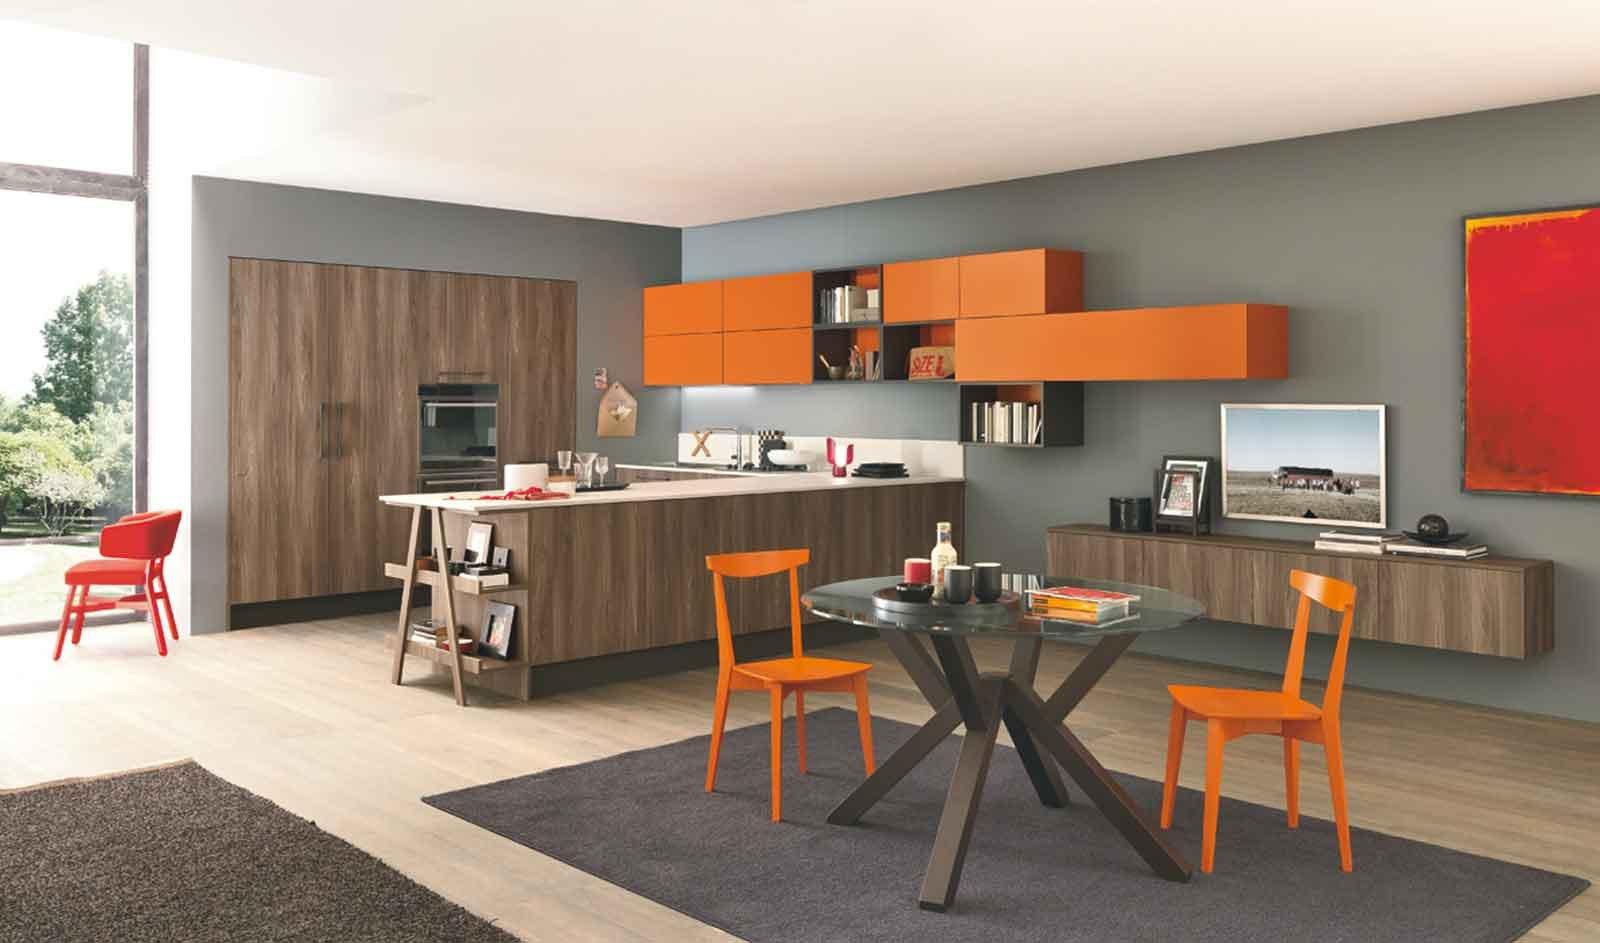 cucina e soggiorno in un unico ambiente: 3 stili - cose di casa - Realizzare Unico Ambiente Cucina Soggiorno 2